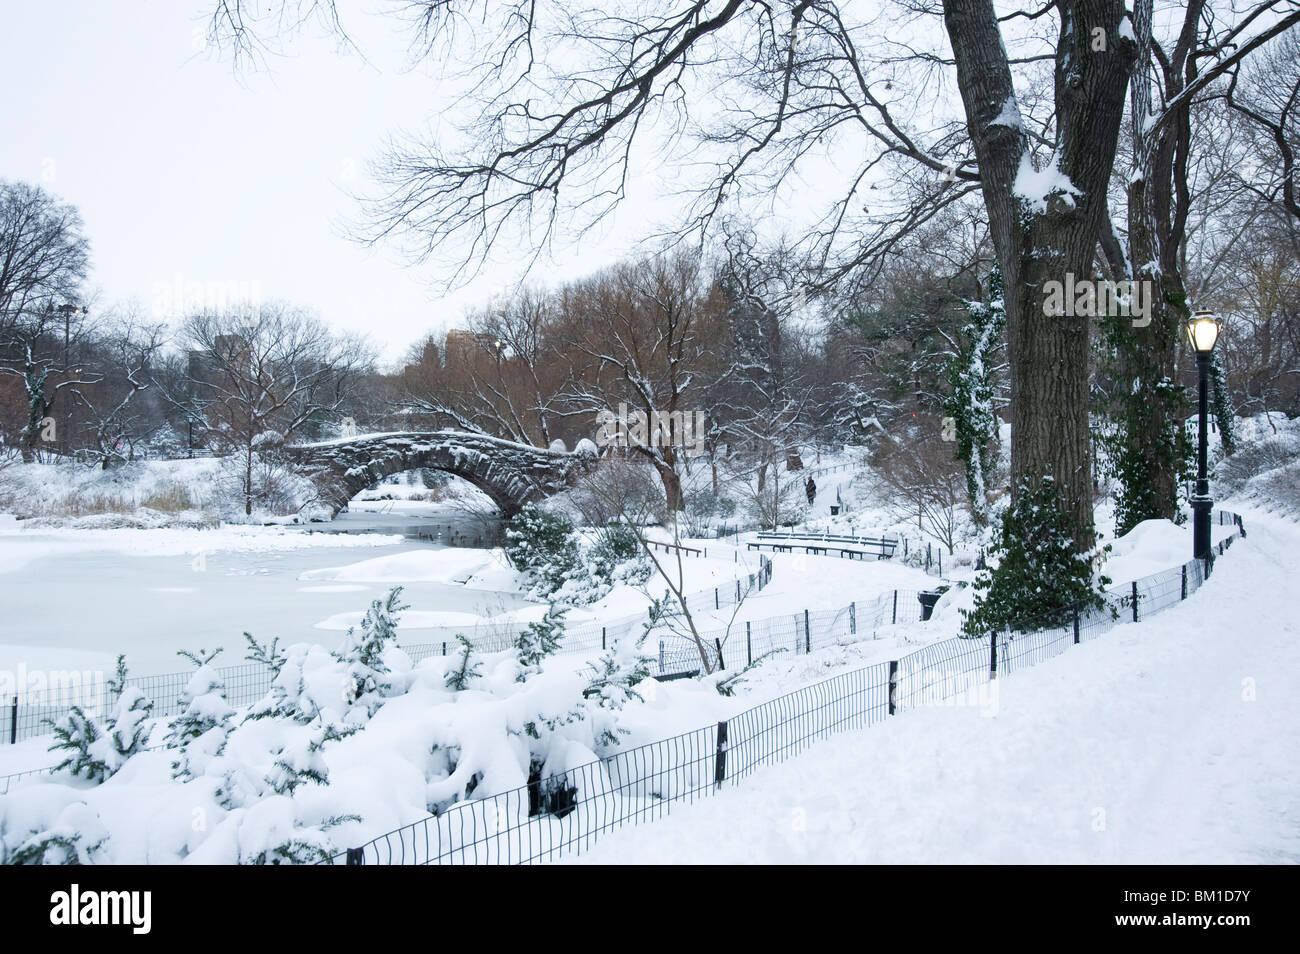 Una mañana temprana vista del Gapstow Bridge después de una caída de nieve en Central Park, la ciudad de Nueva York, Foto de stock